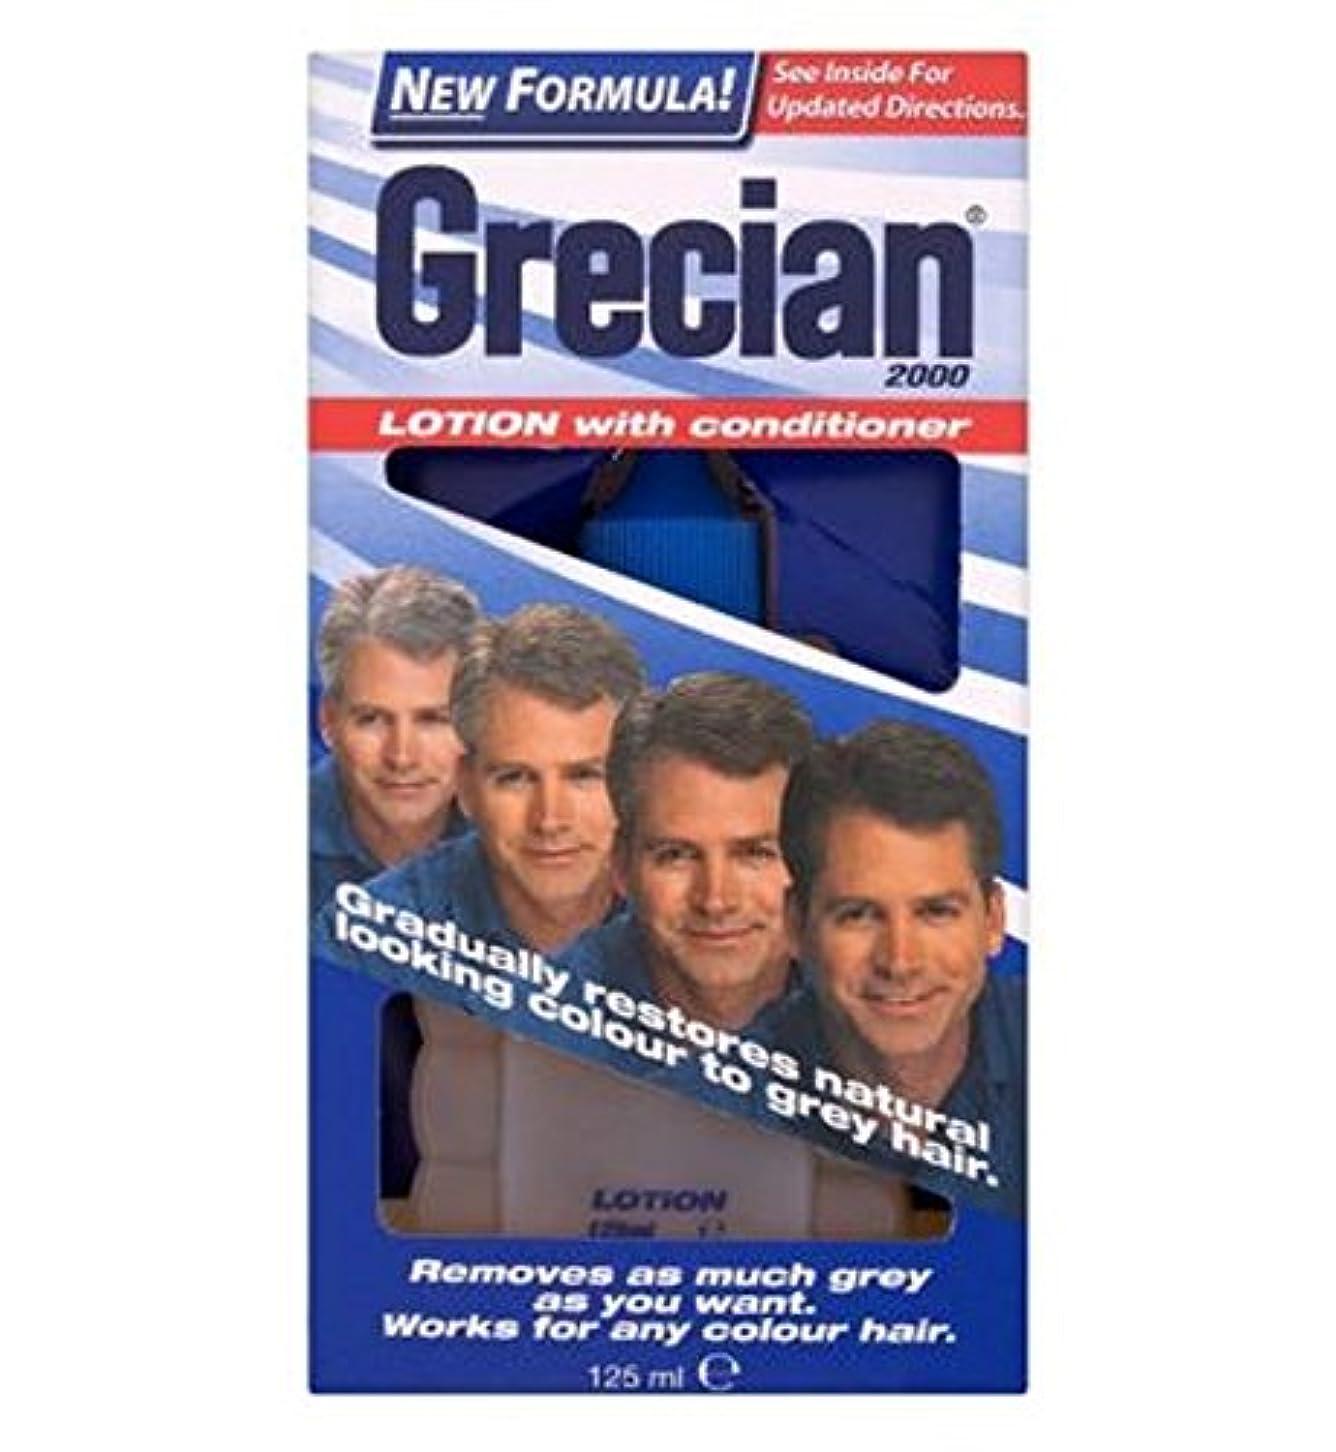 受け継ぐスナッチバリーGrecian 2000 Men's Hair Colour Lotion - ギリシャの2000メンズヘアカラーローション (Grecian) [並行輸入品]